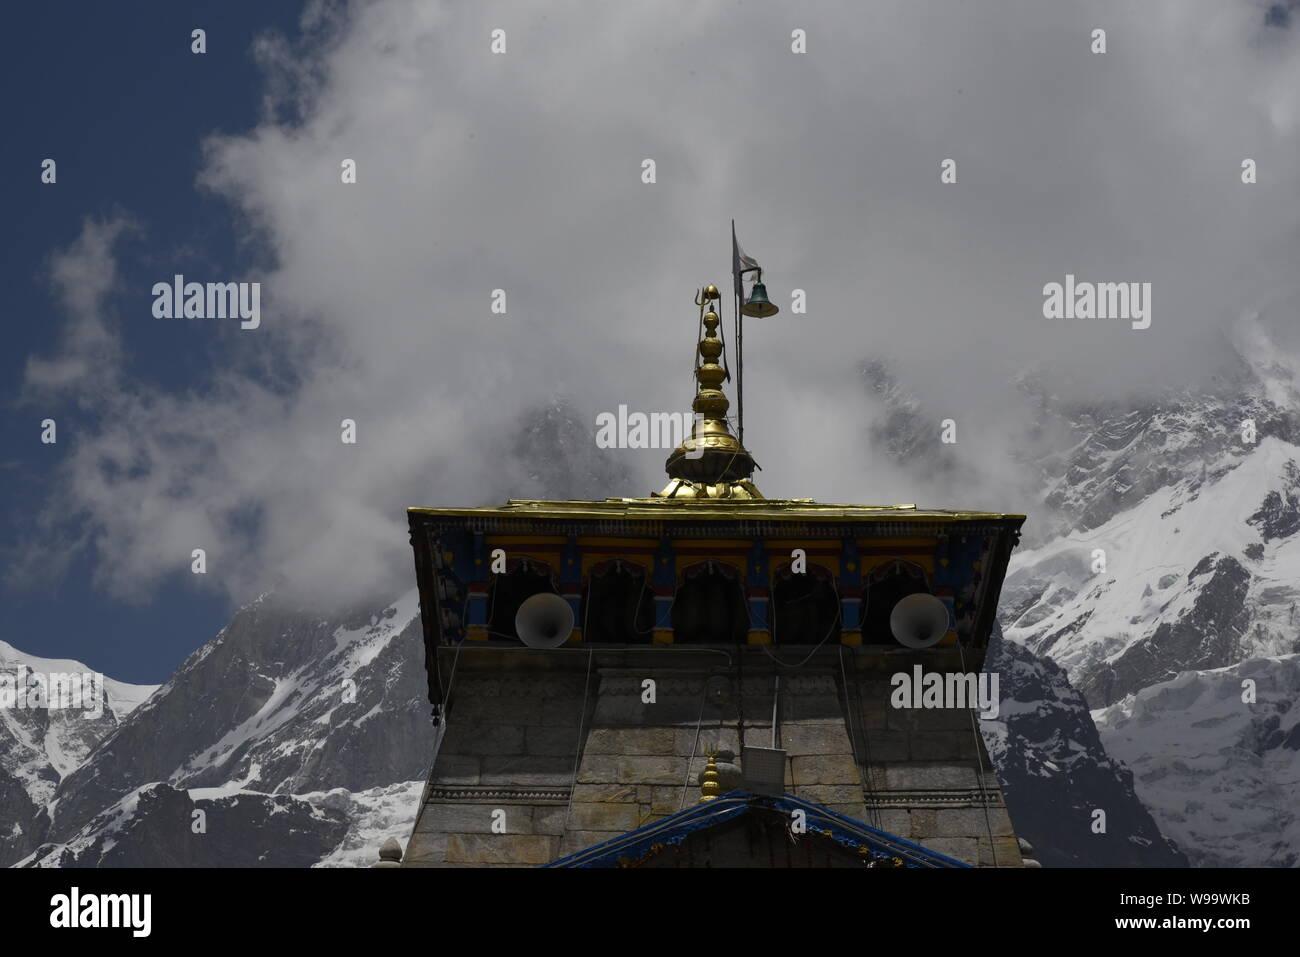 Heiligen hinduistischen Tempel des Herrn Shri Kedarnath Shankar Bholenath Tempel 2019 in Chamoli/Rudraprayag Bezirk, Uttrakhand, Indien, Asien Stockfoto